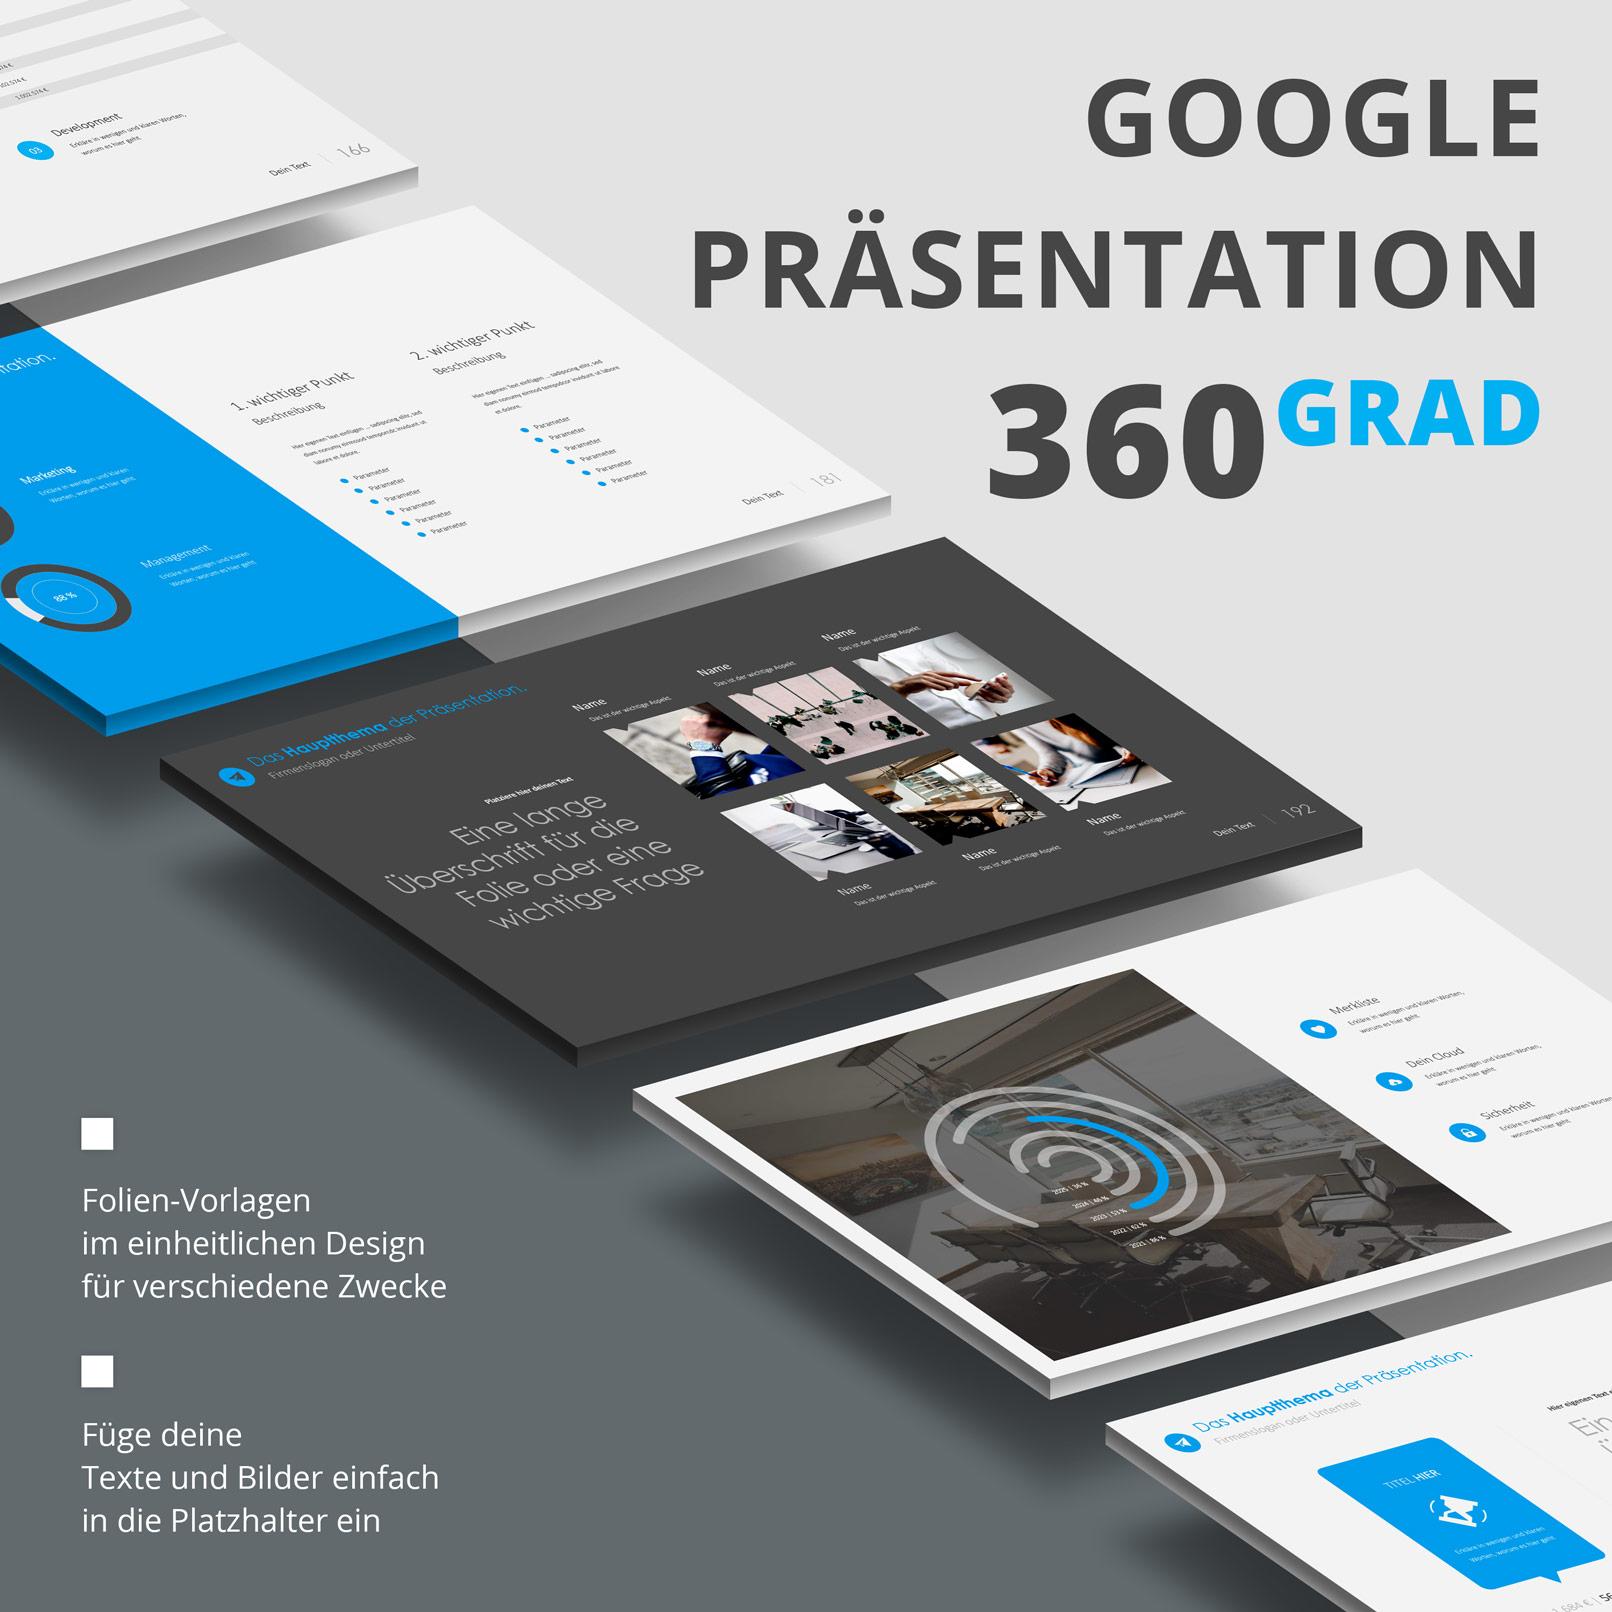 Präsentationsfolien im 360Grad-Design für Google Slides: Zusammenfassung